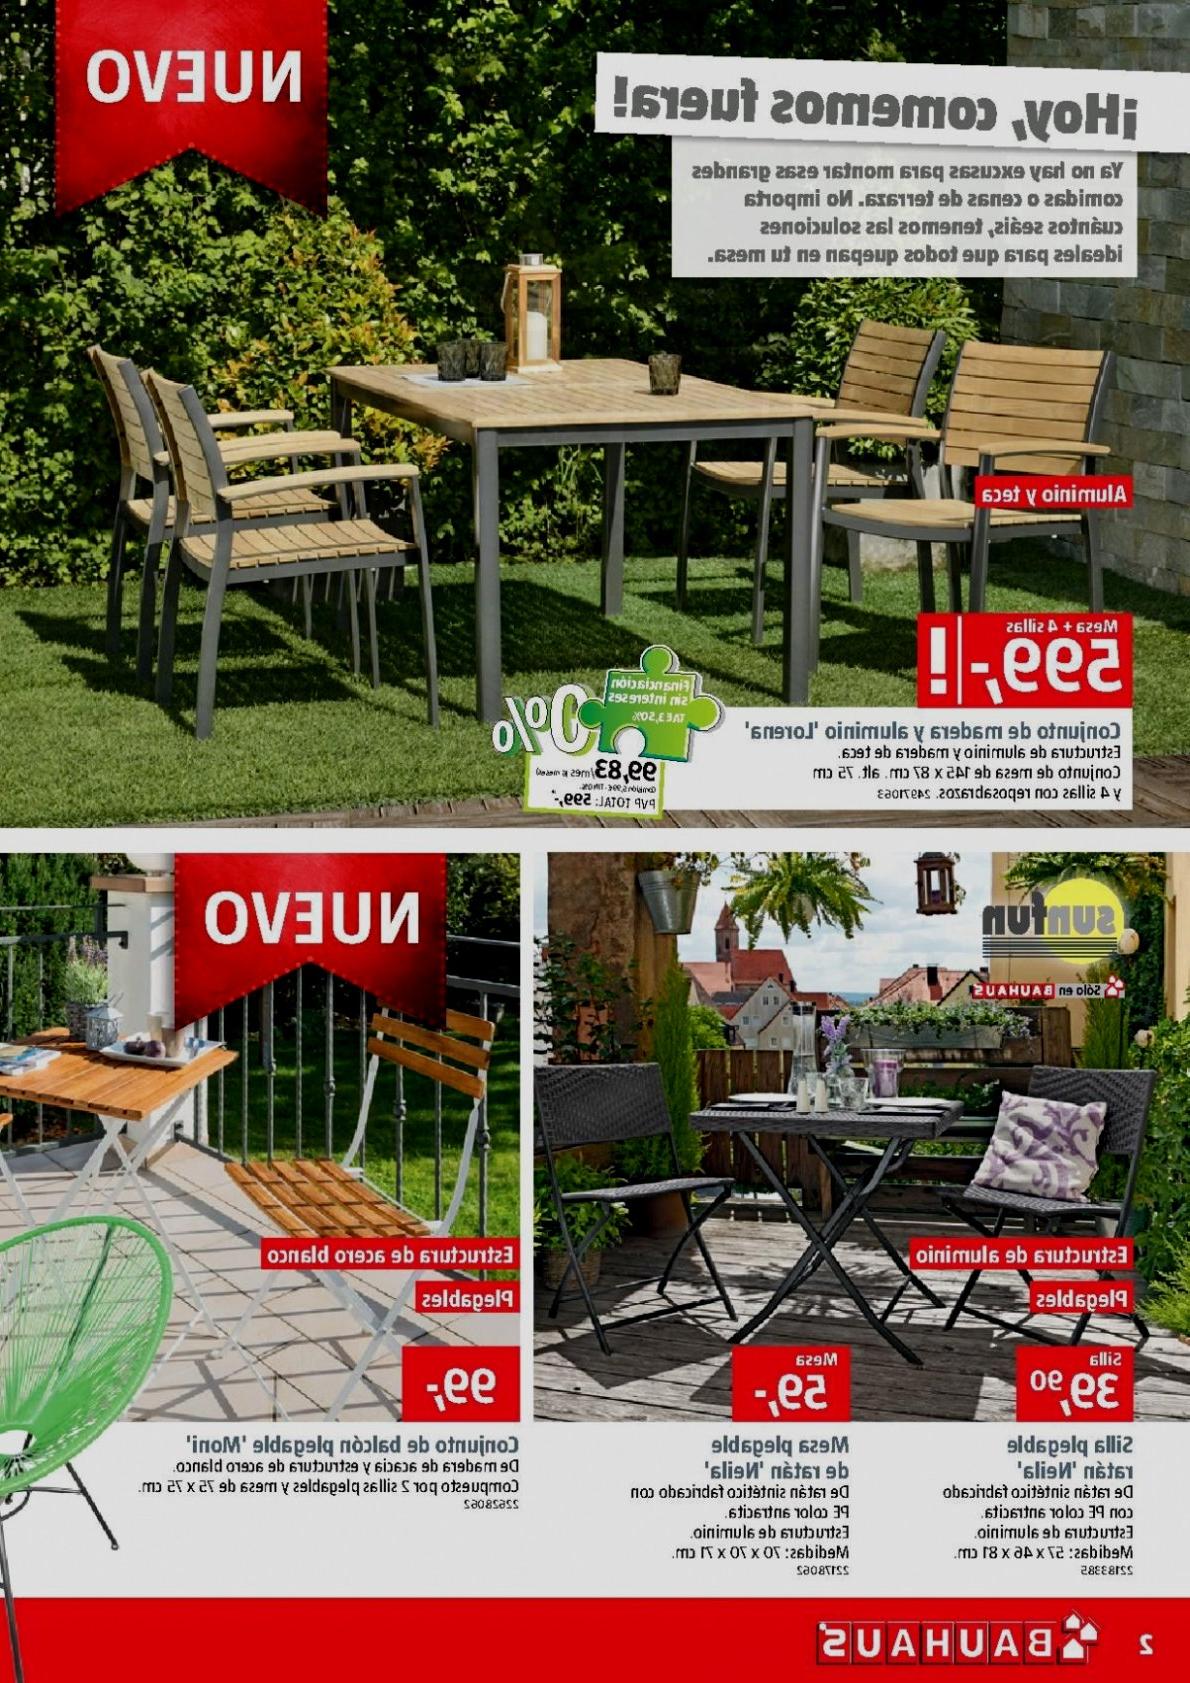 Bauhaus Mesas Jardin Irdz Sillas Plegables Bauhaus Especial Inicio Muebles De Jardin Bauhaus